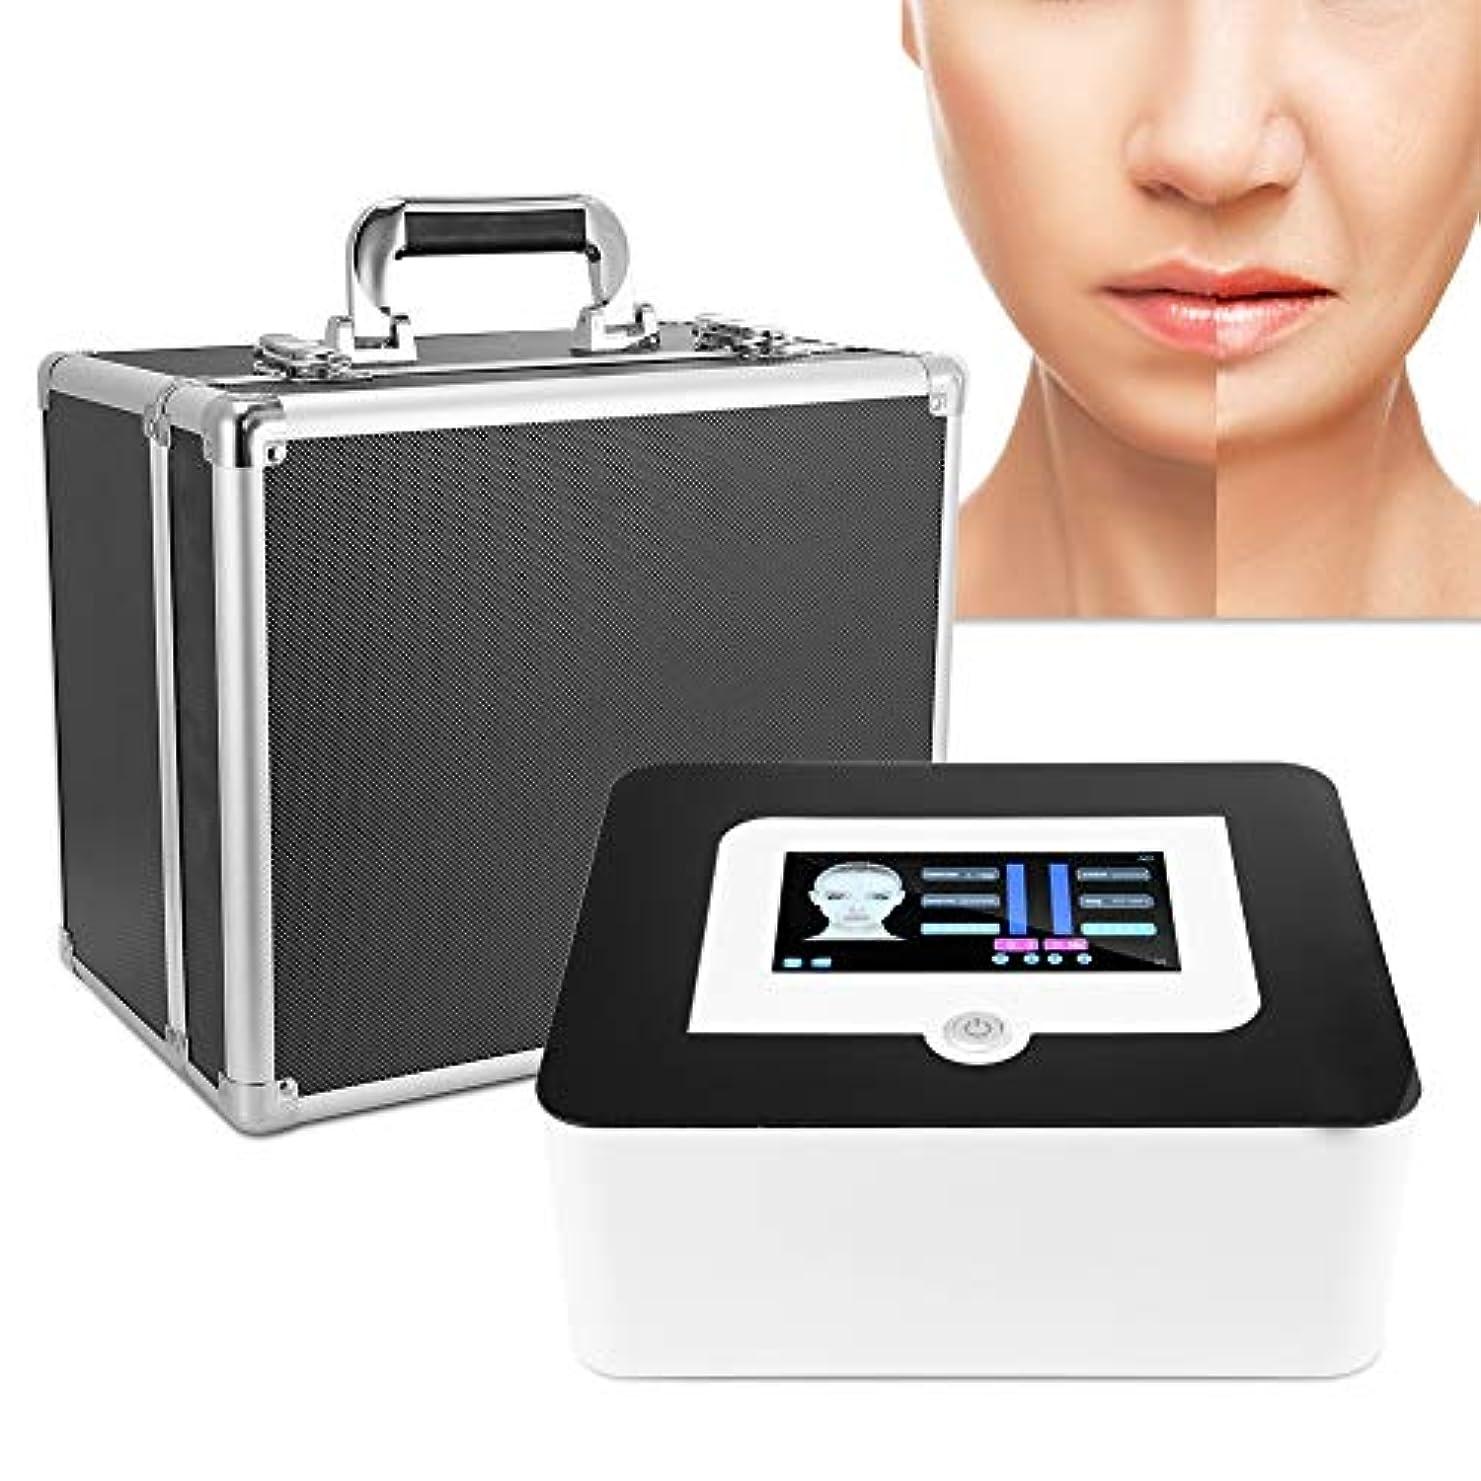 スプリット比類なき効能携帯用精密は美の器械、機械顔のきつく締まる機械を切り分けます(米国のプラグ)